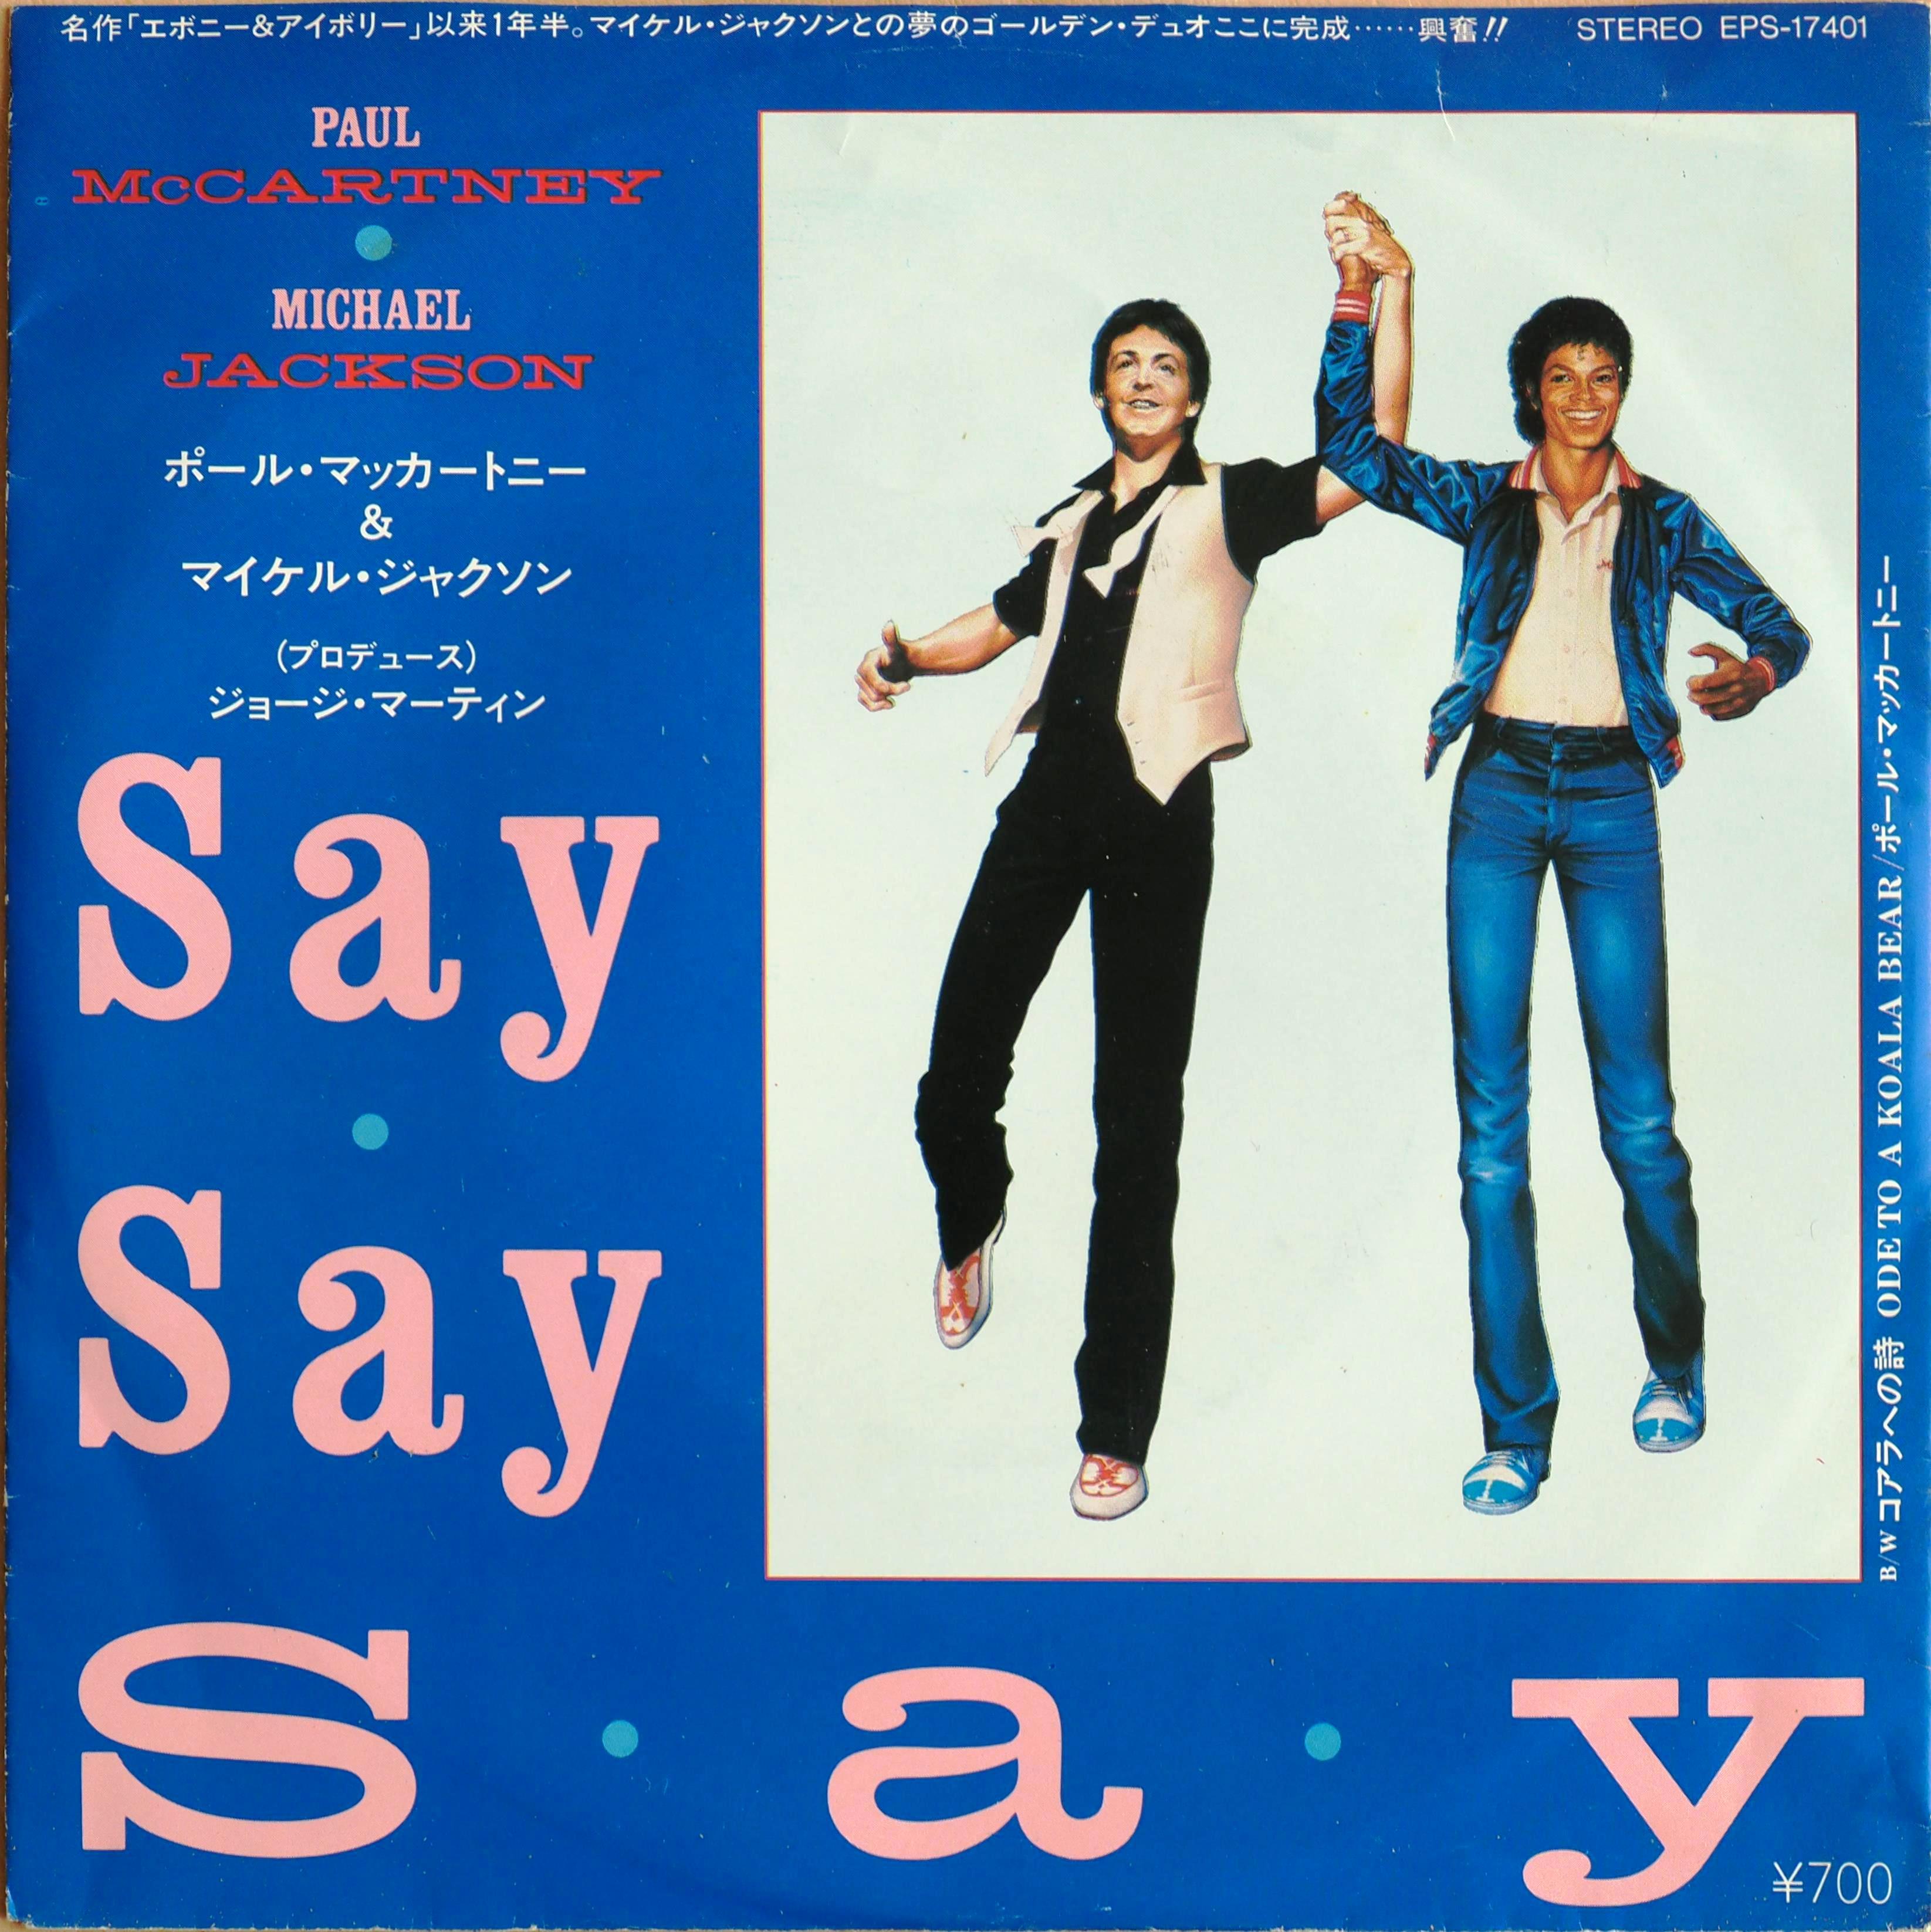 「セイ・セイ・セイ」の国内盤ジャケット(東芝EMI)。